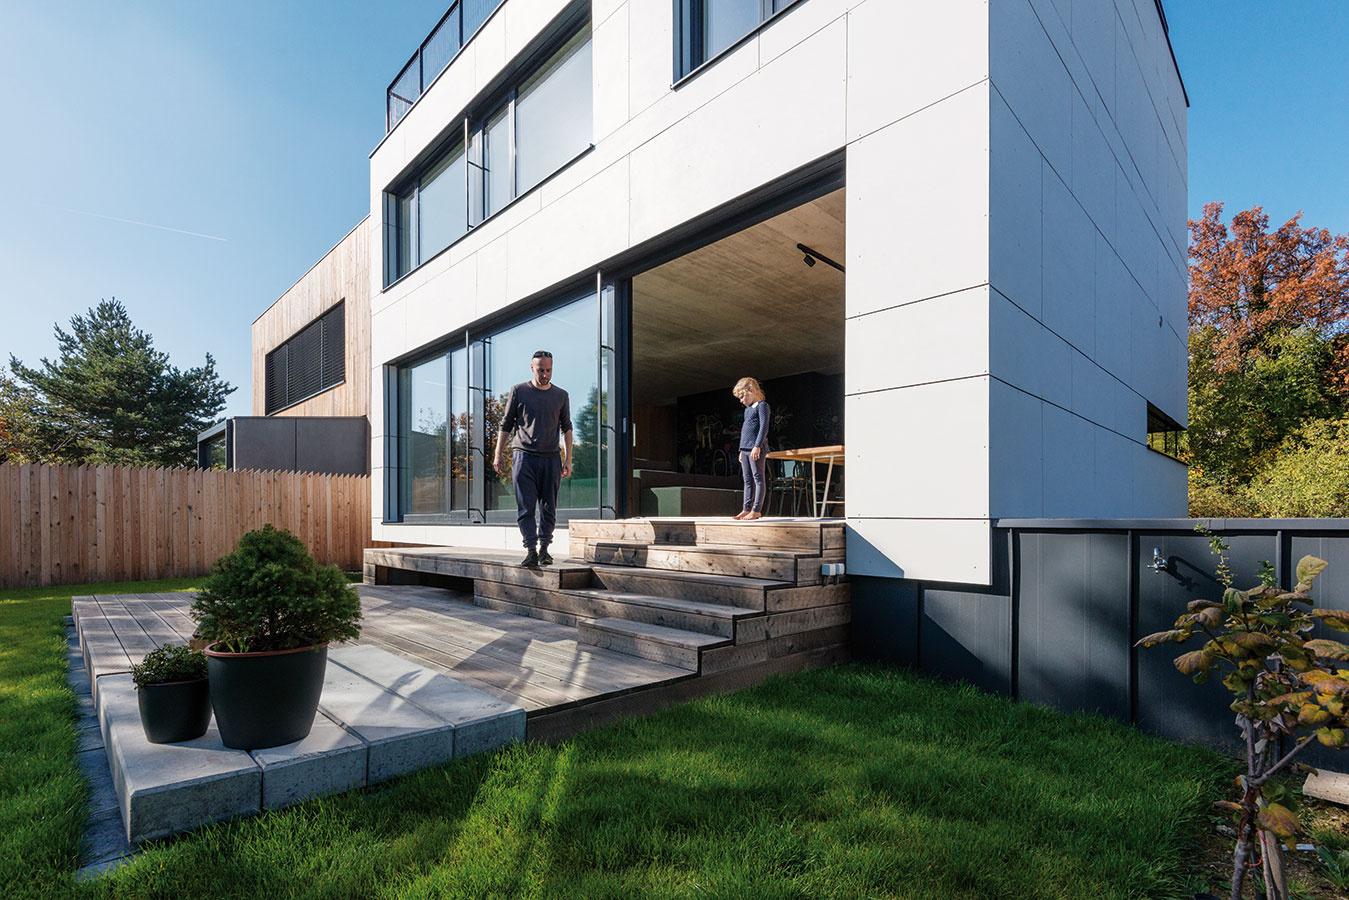 Drevená terasa, ktorá nadväzuje na denný priestor vdome aspája ho so záhradou, vyrovnáva ich vzájomný výškový rozdiel.